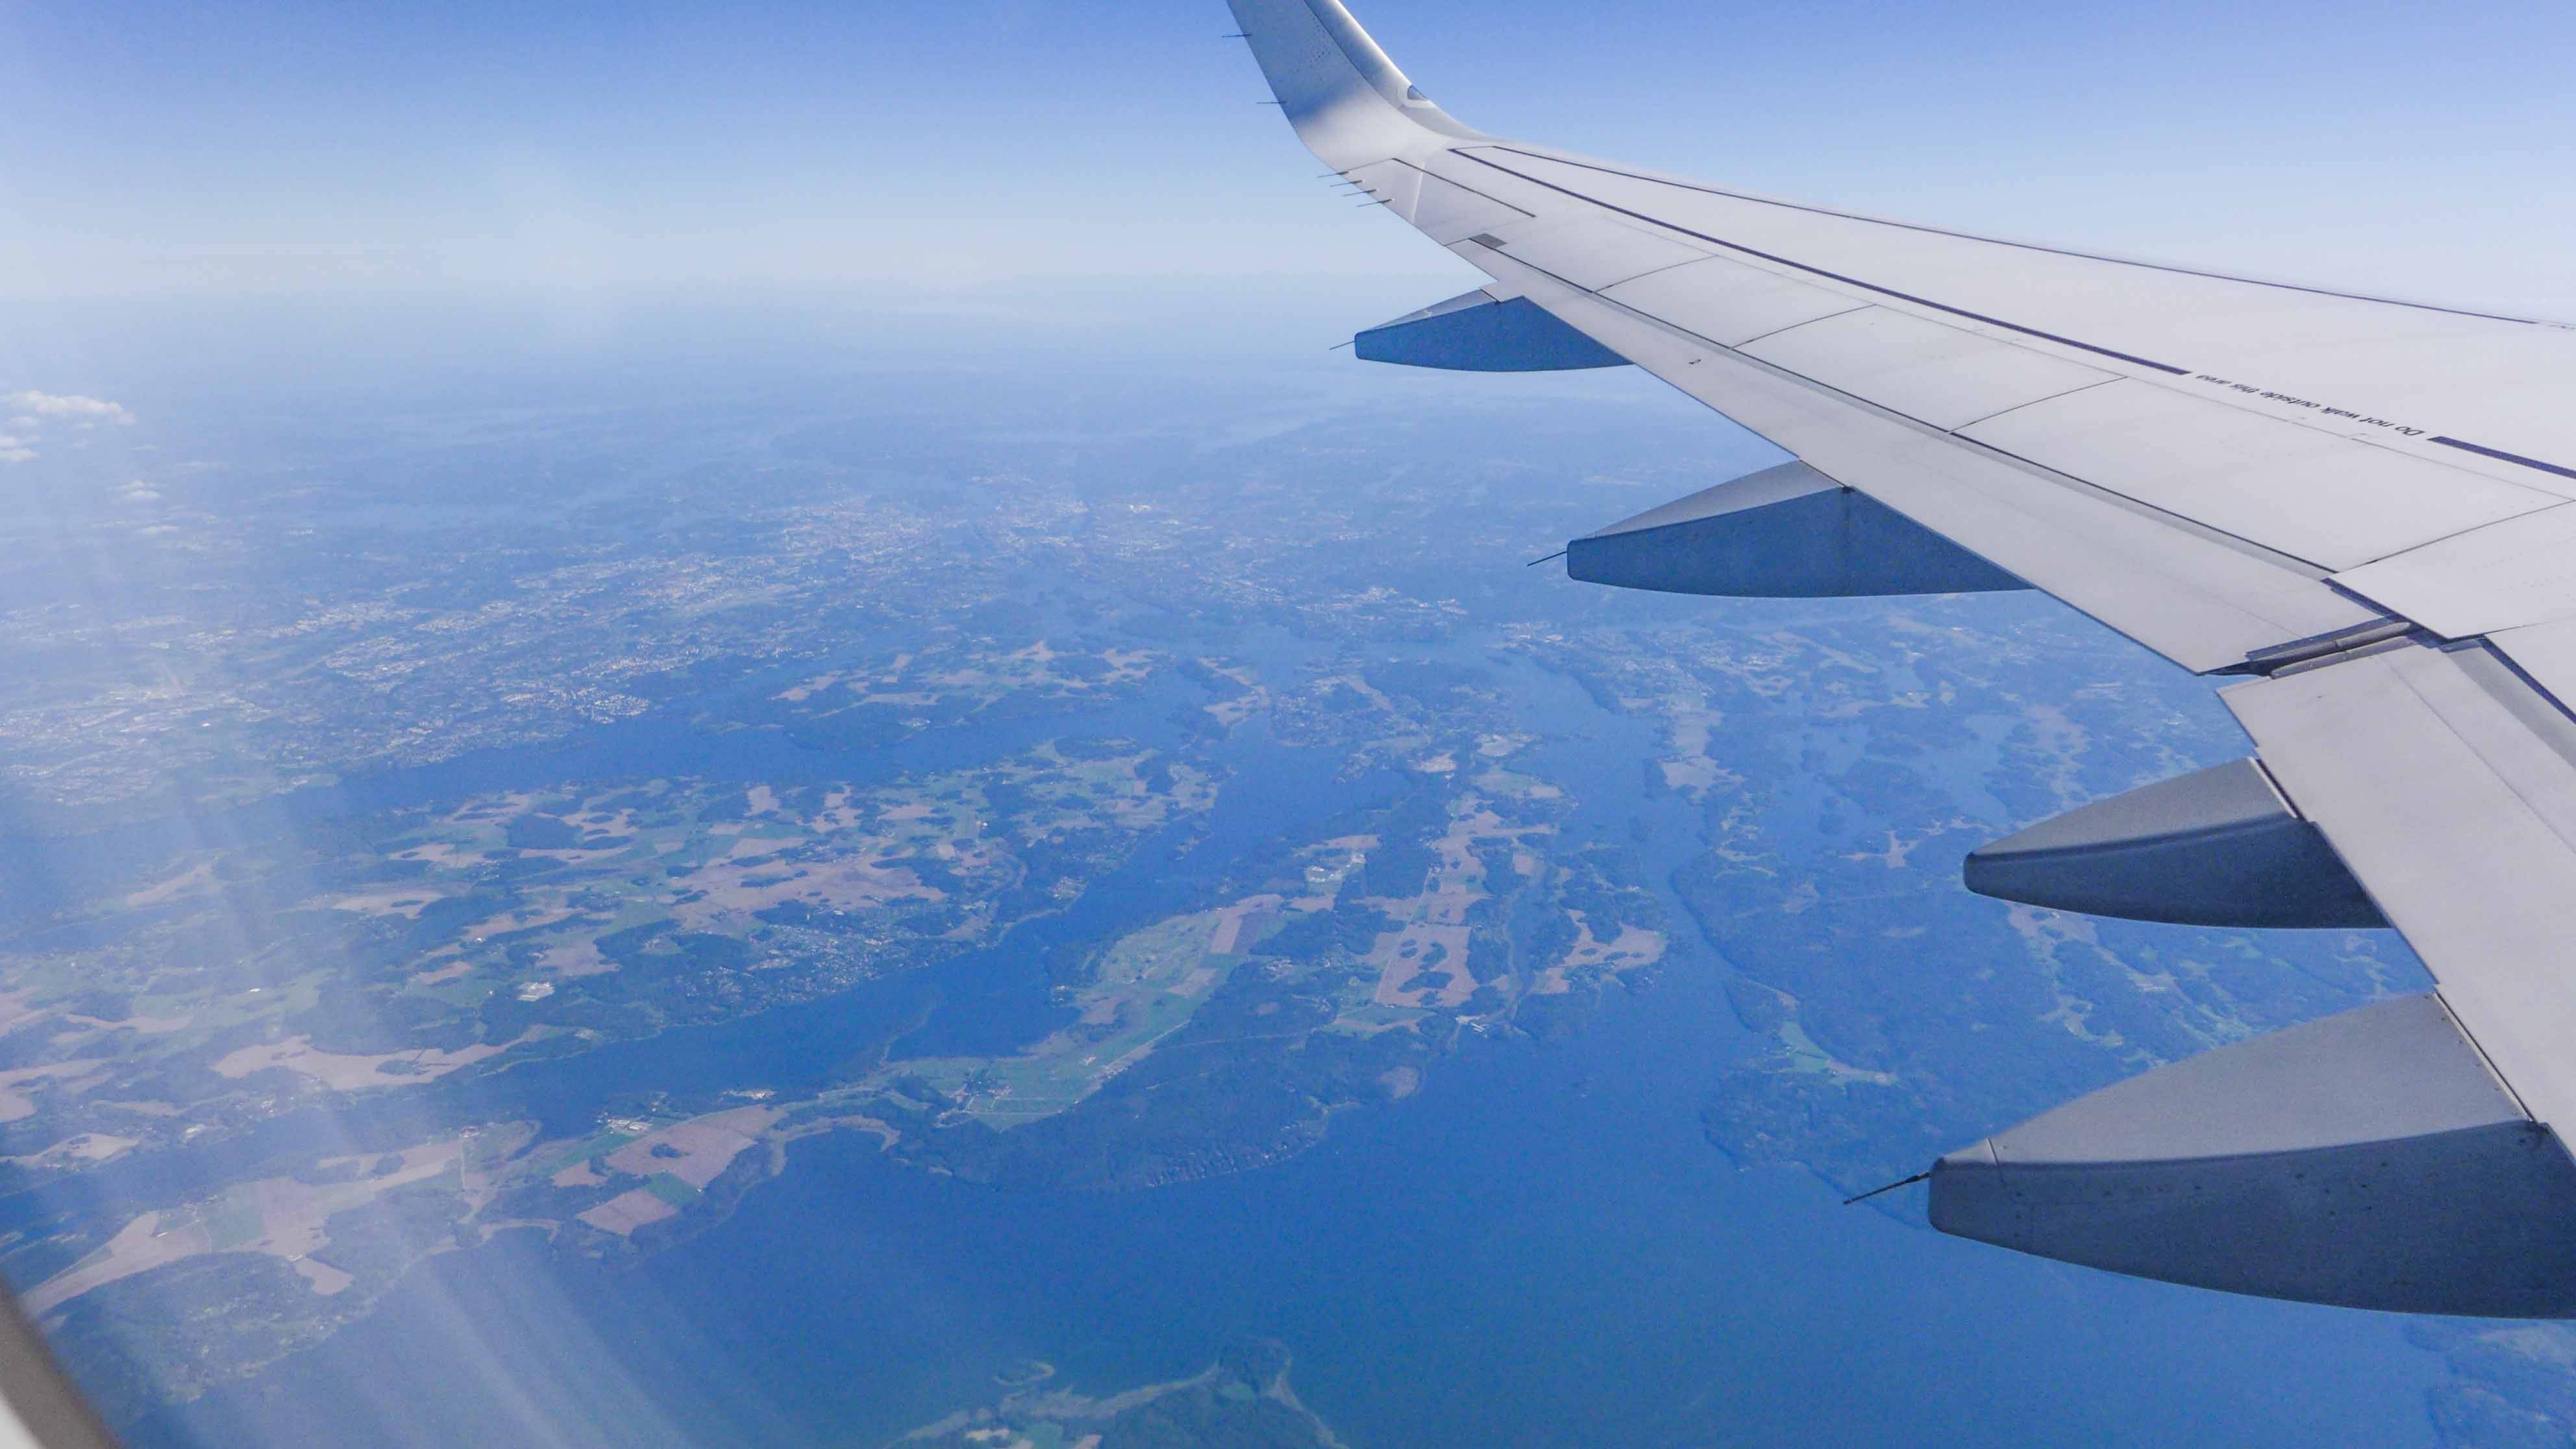 Letzter Blick auf Stockholm, die schwimmende Stadt auf den vielen Inseln